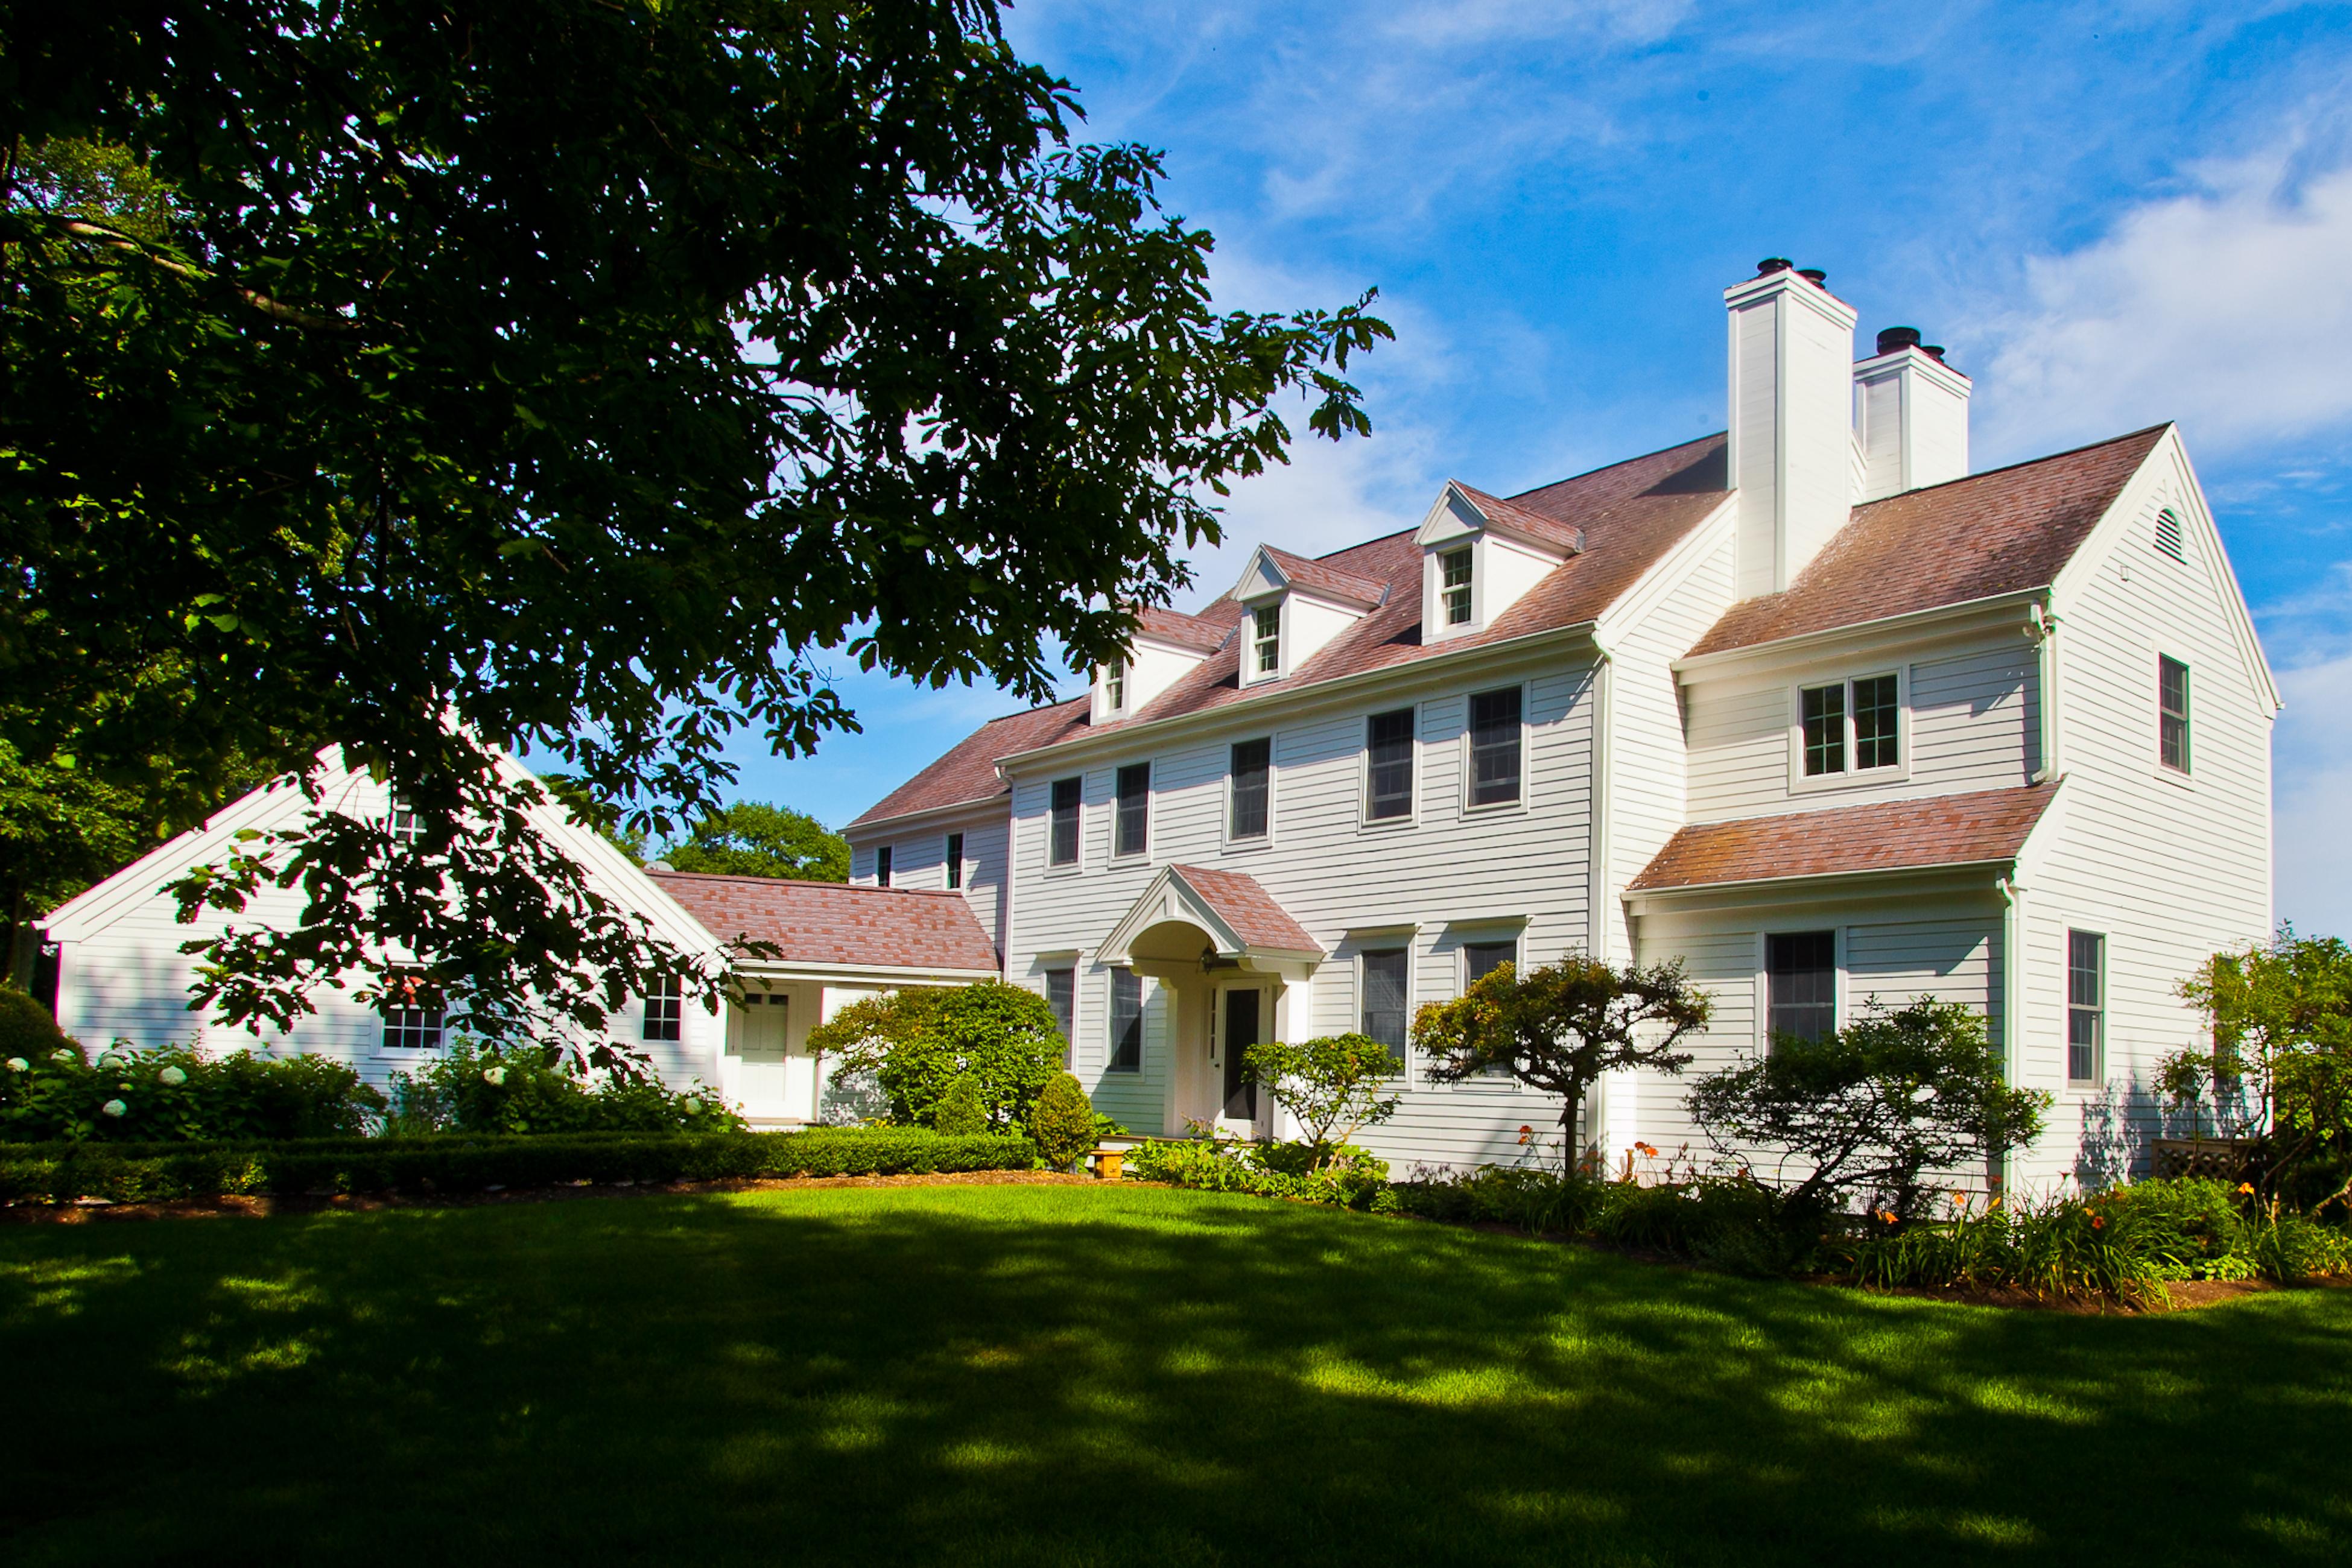 Casa Unifamiliar por un Venta en 41 East St Sharon, Connecticut 06069 Estados Unidos